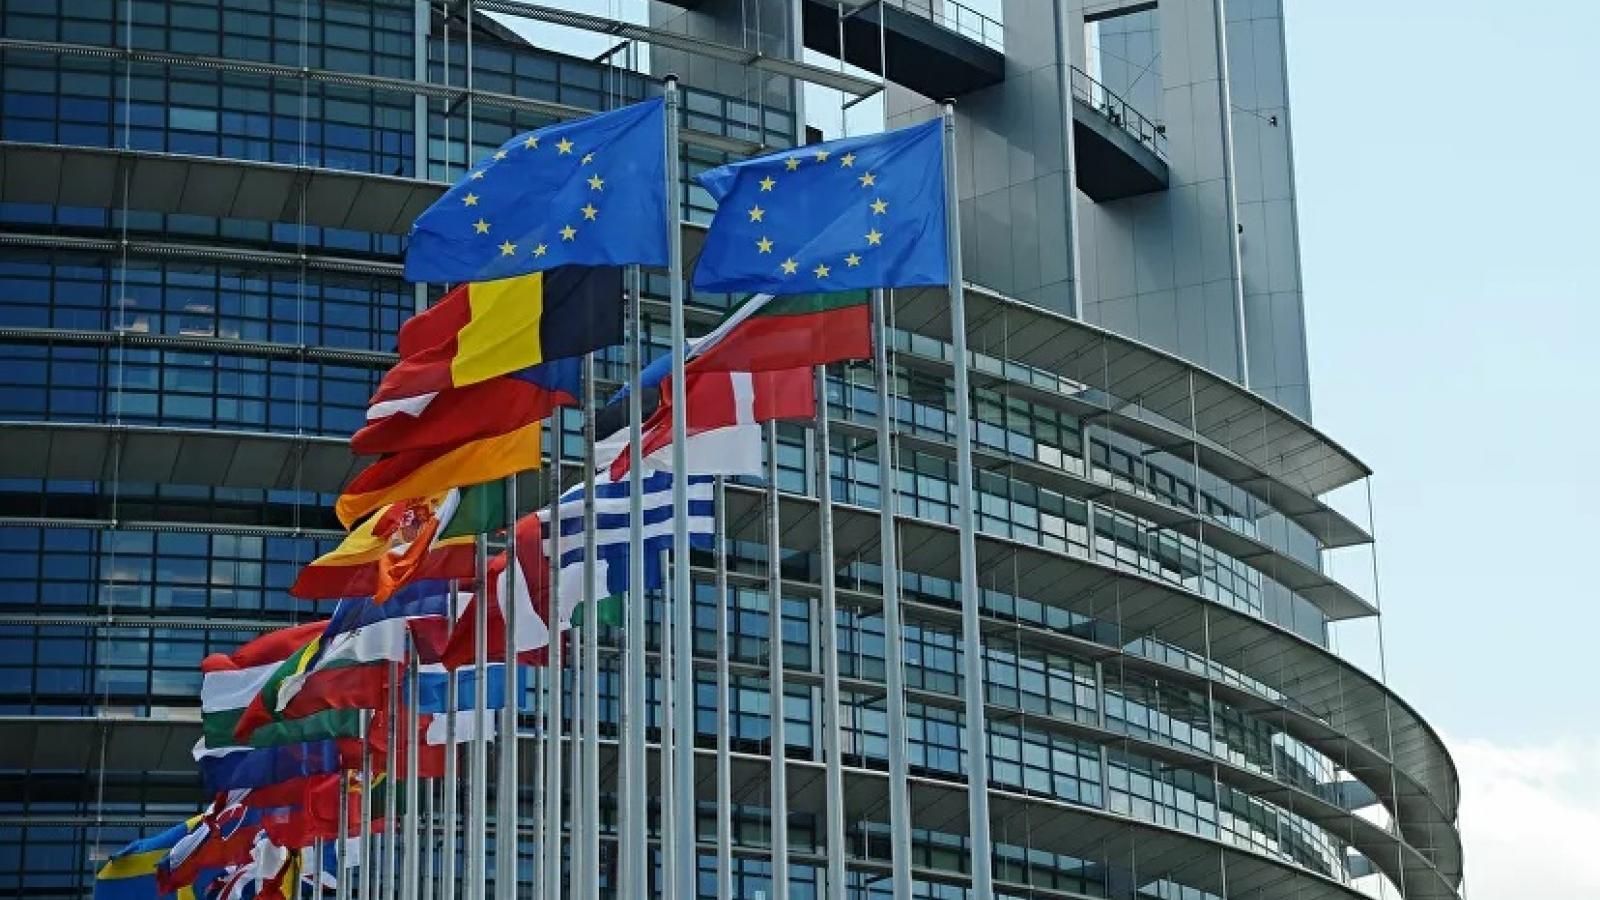 EU ủng hộ Séc trong các vấn đề xung đột ngoại giao với Nga